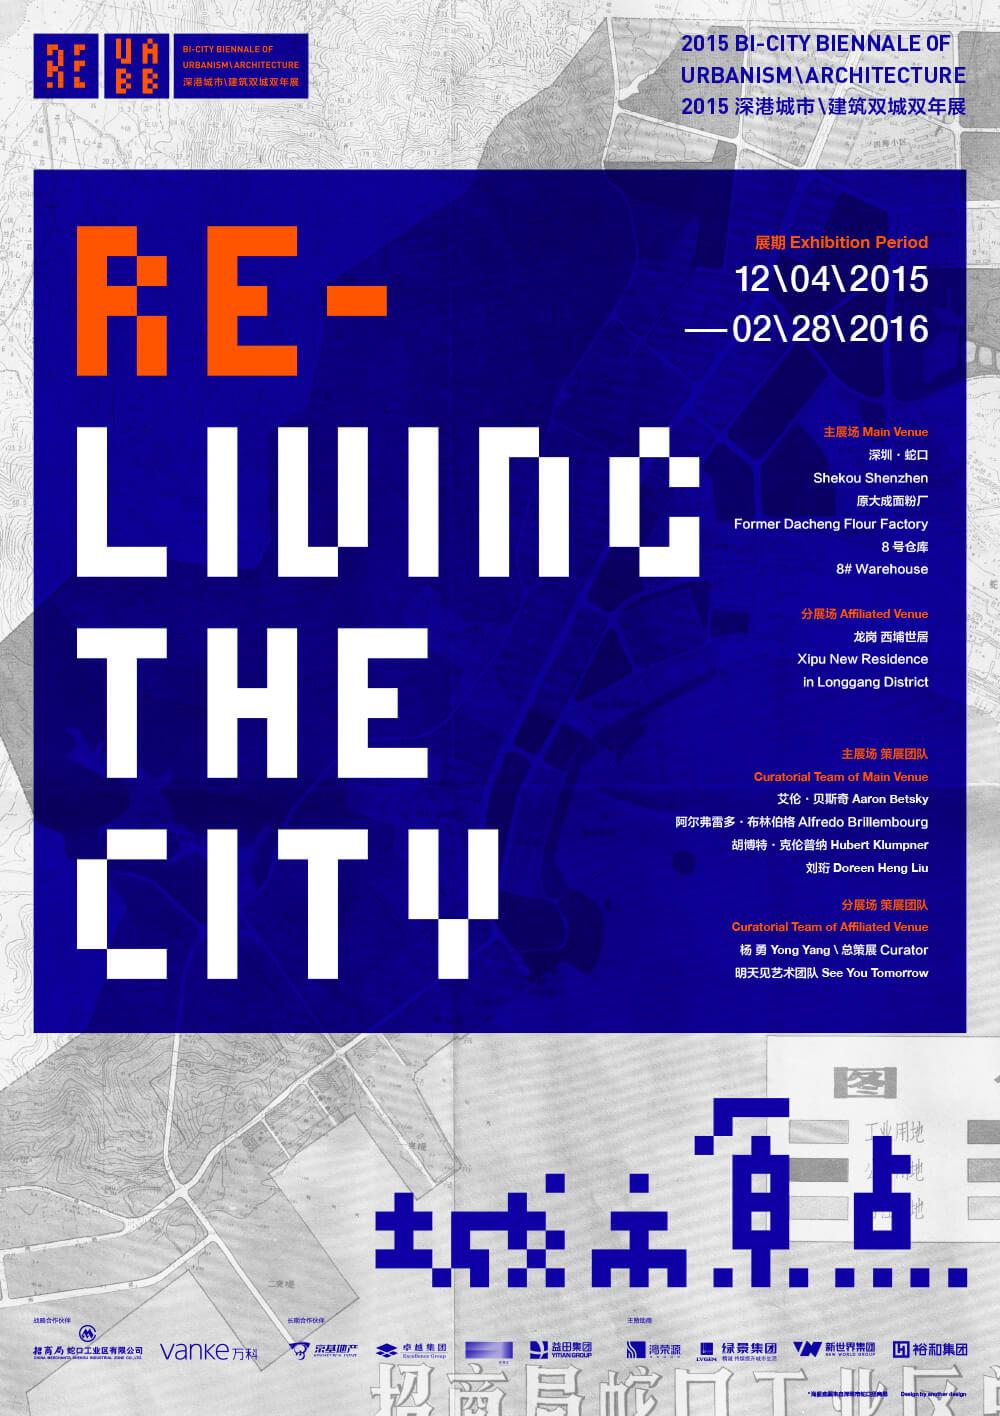 第6届深港城市\建筑双城双年展